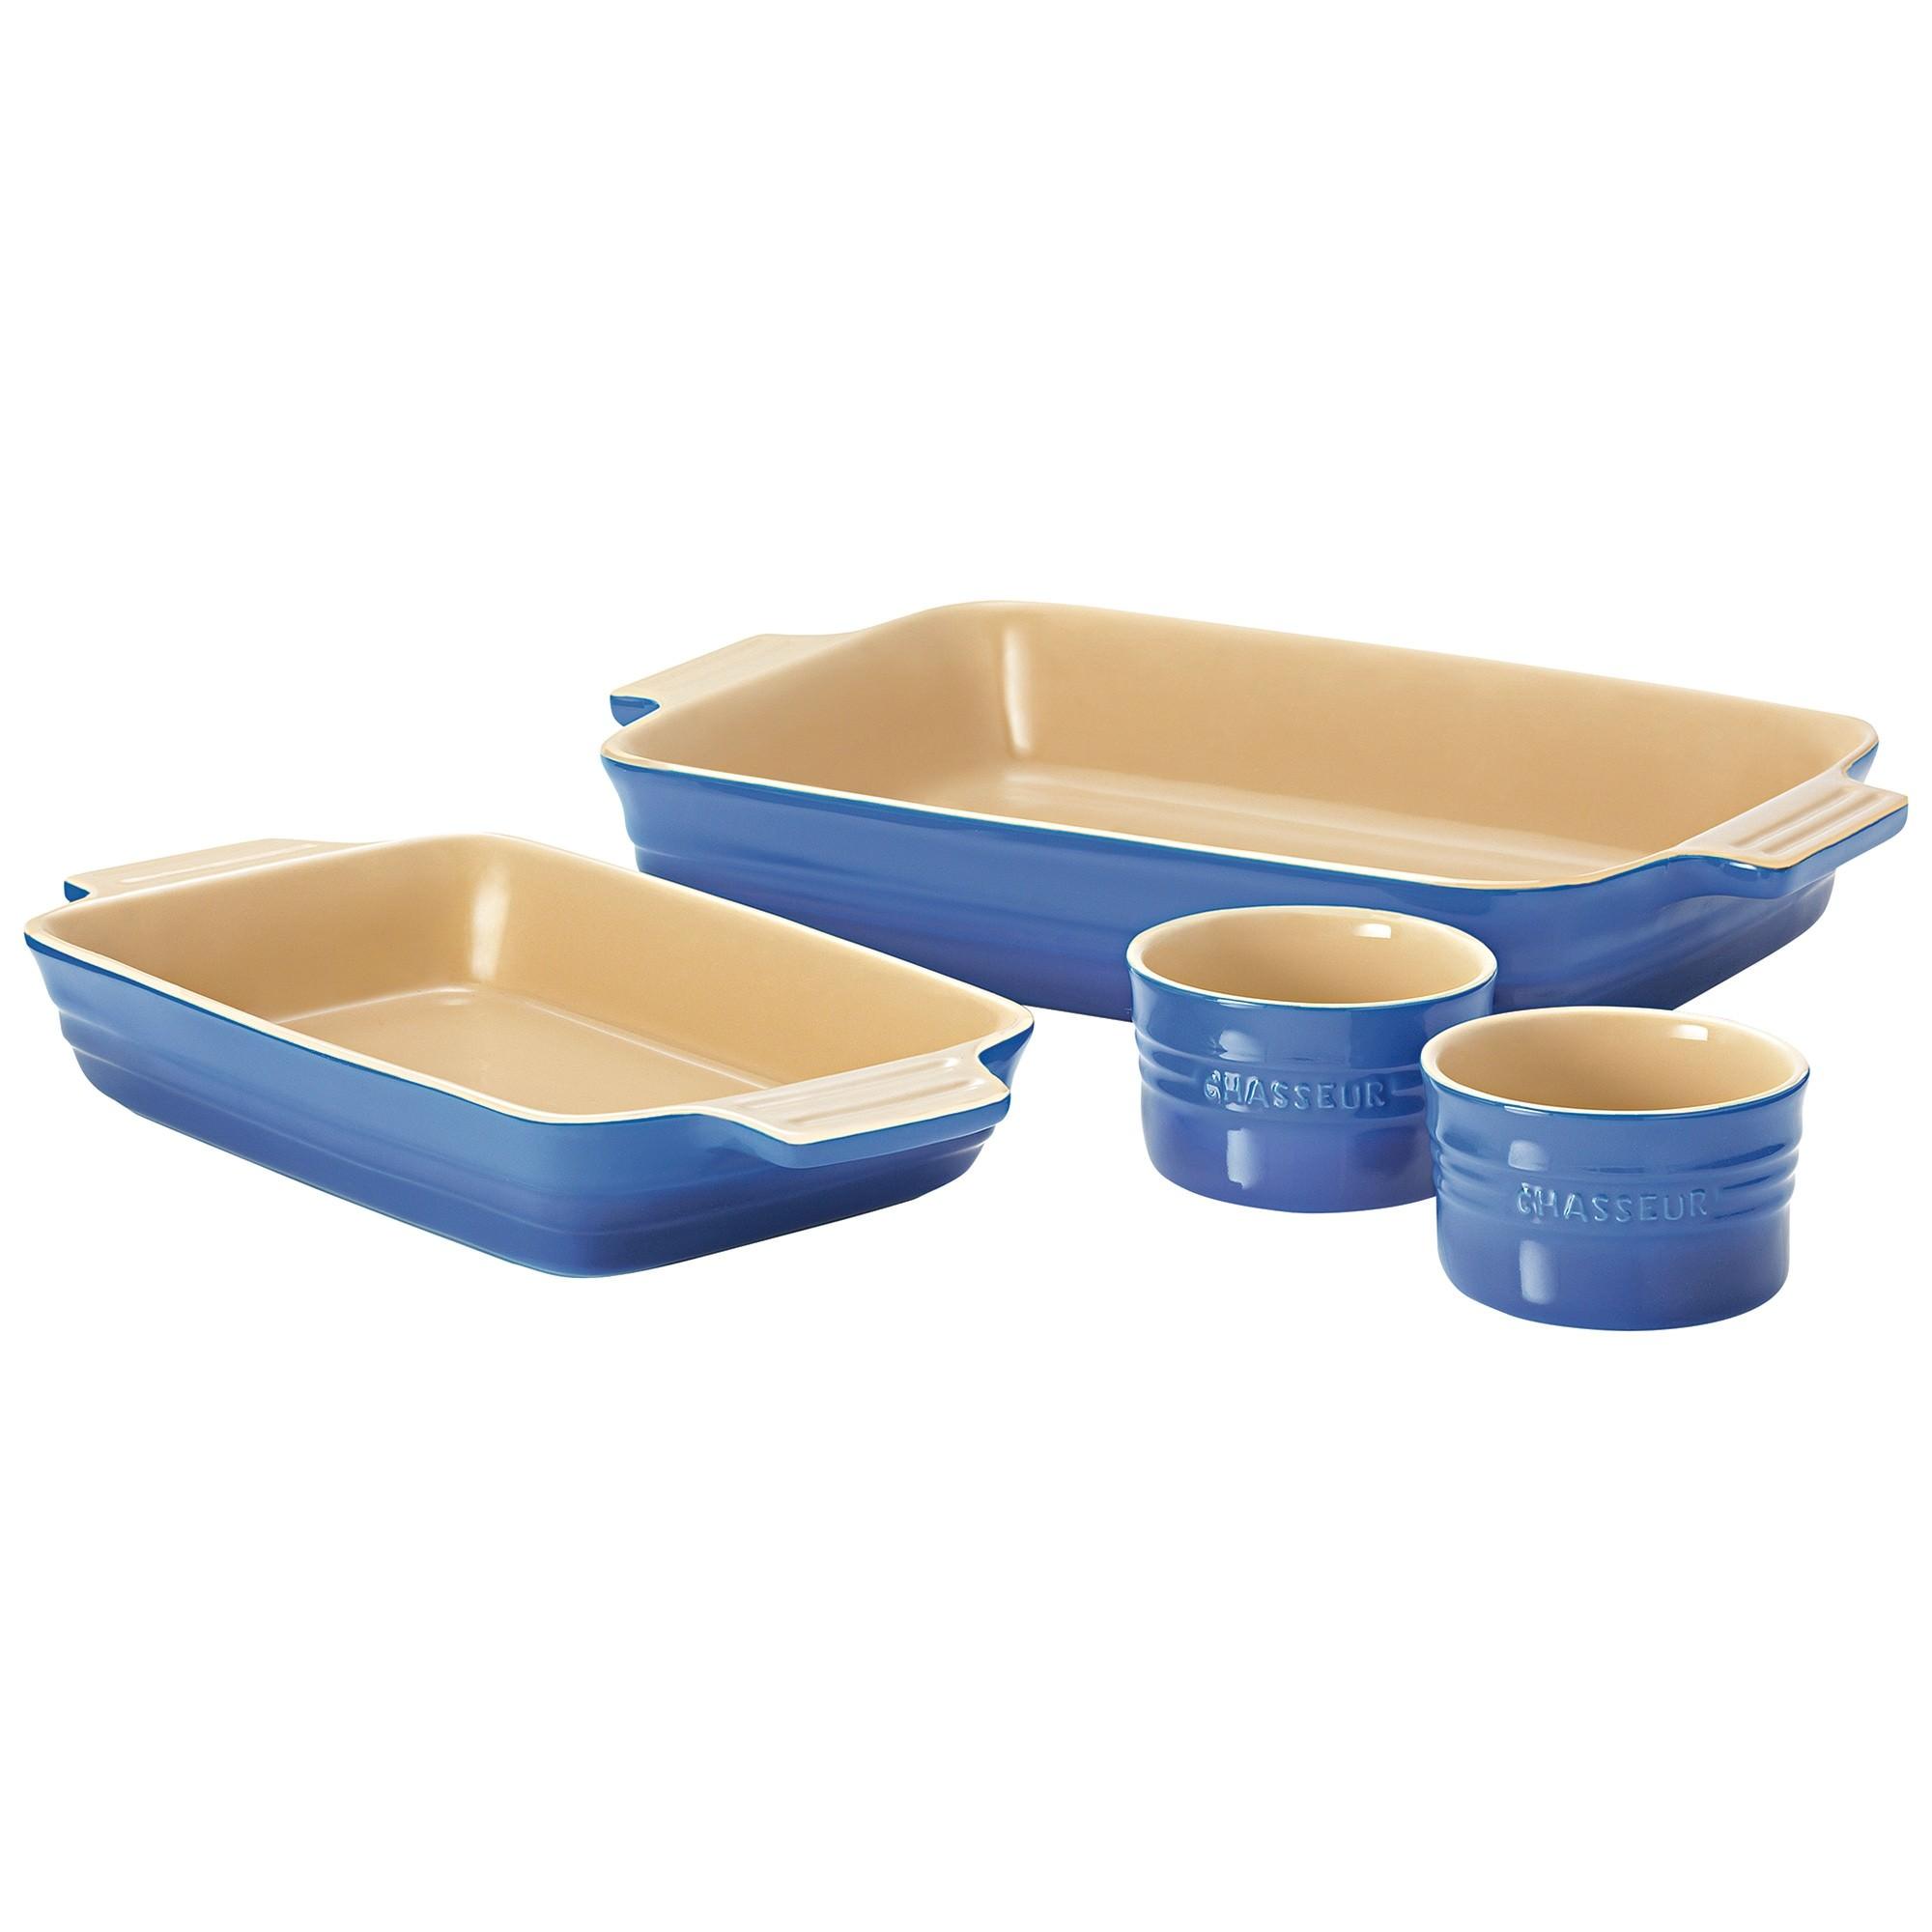 Chasseur La Cuisson 4 Piece Baking Set - Blue